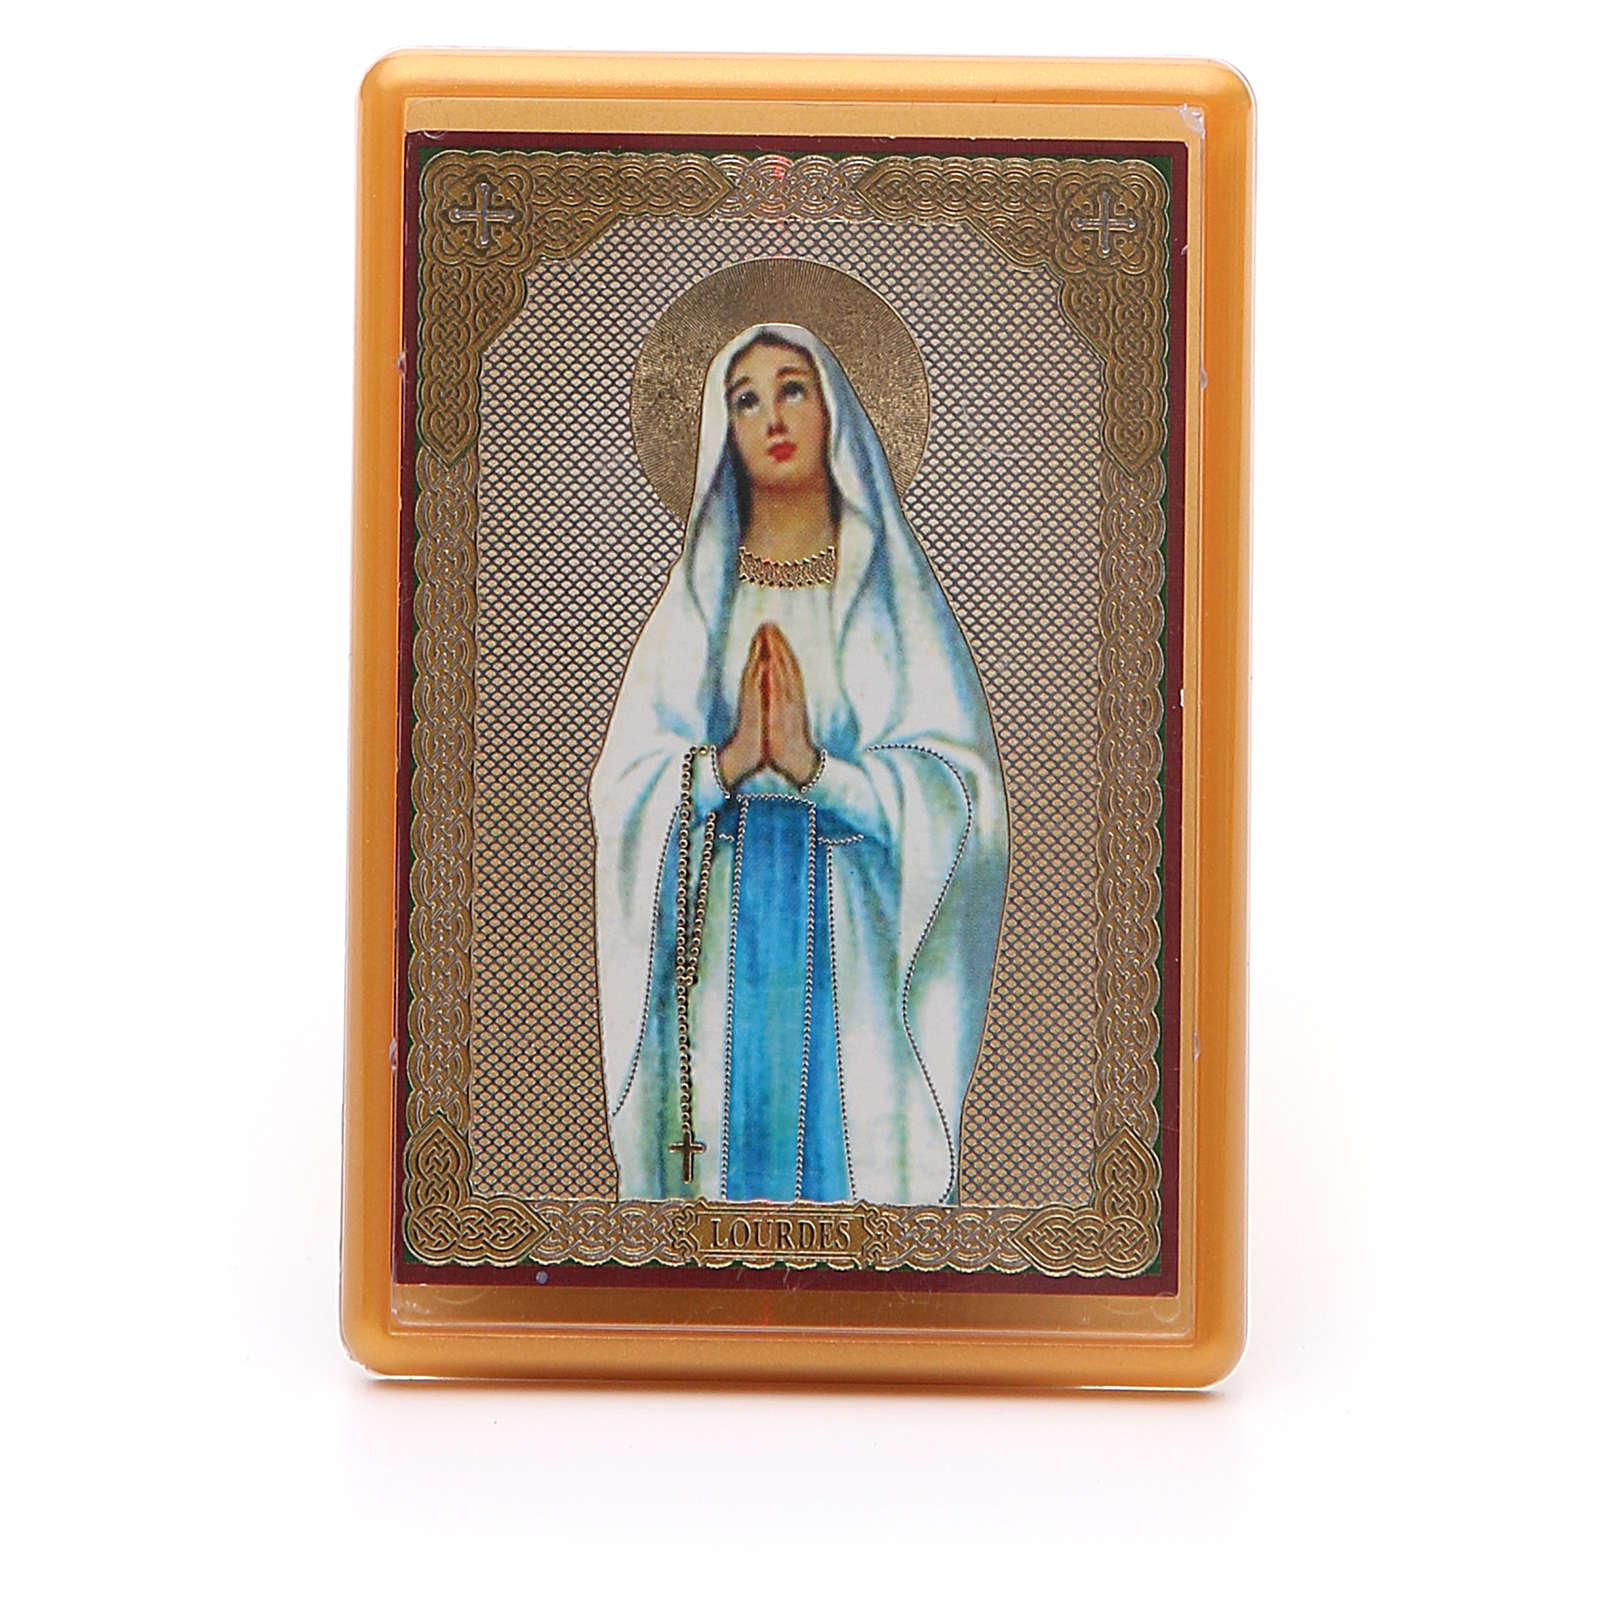 Imán plexiglás Virgen Lourdes 10x7 3